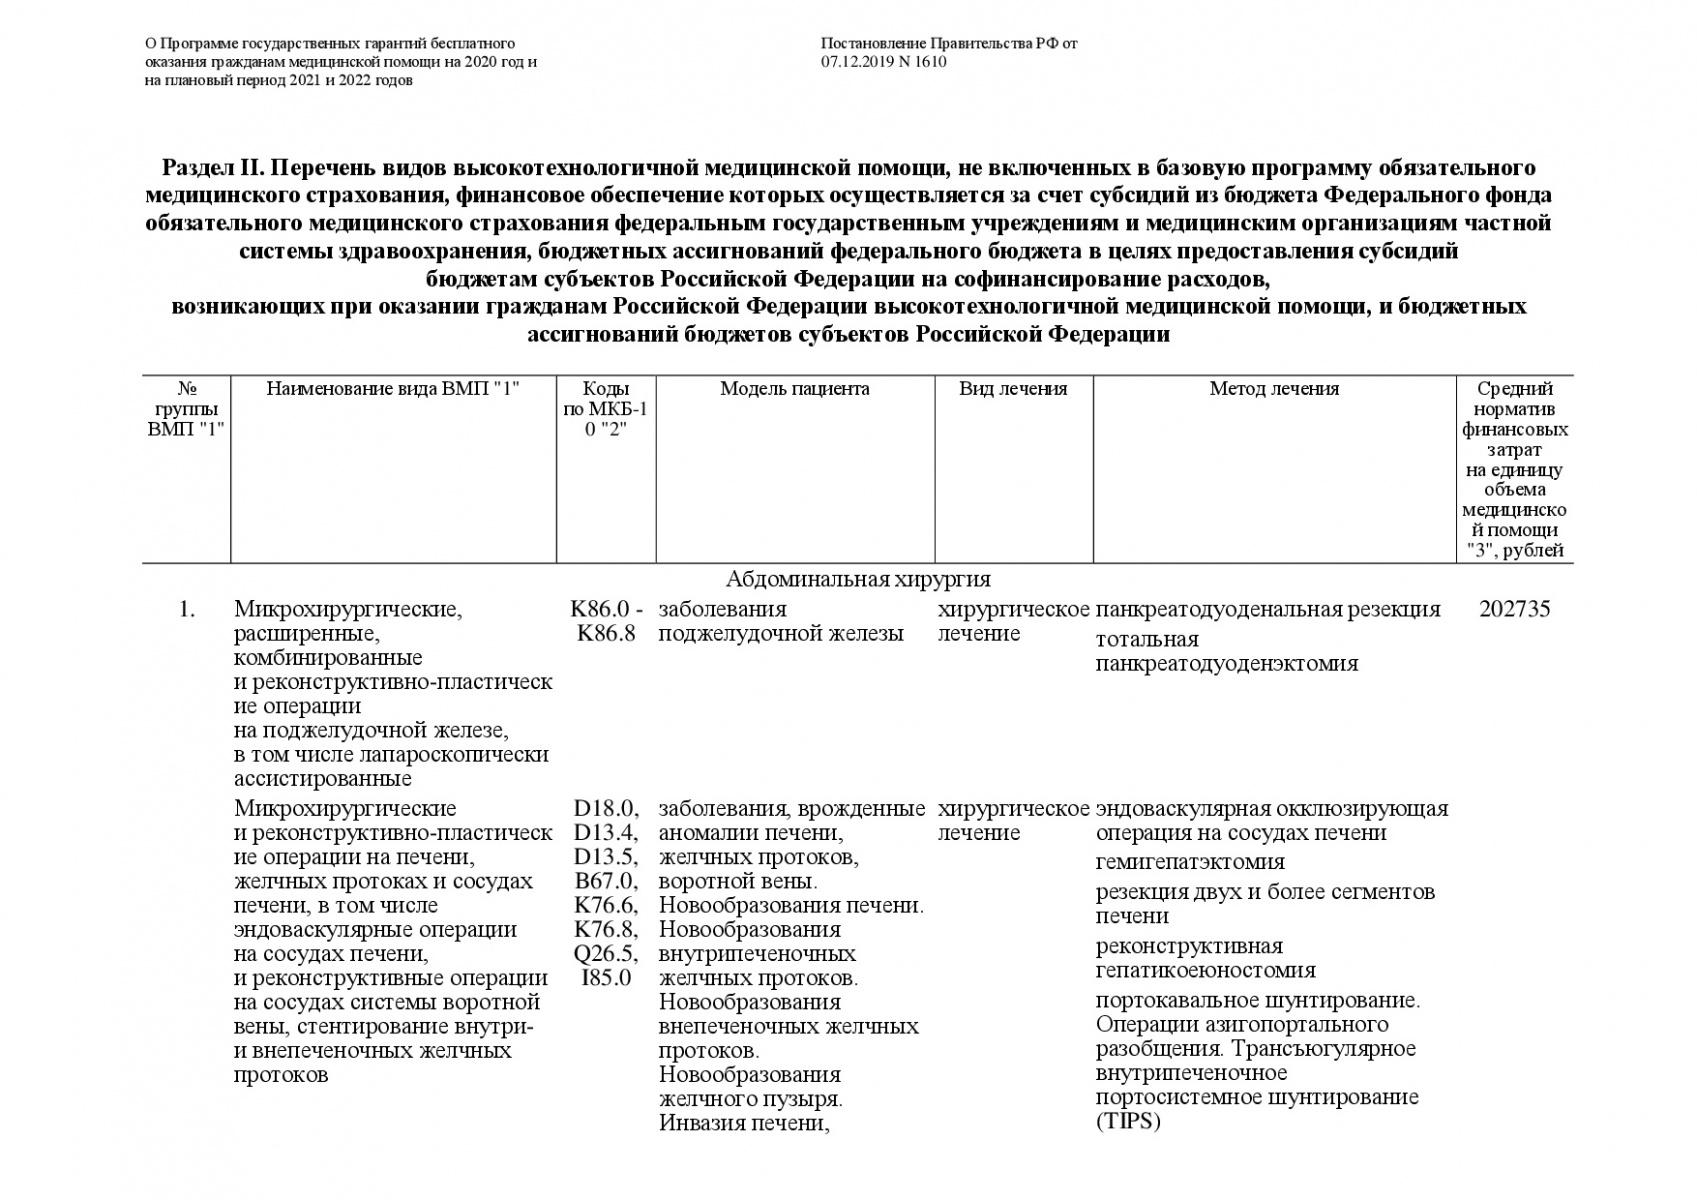 Postanovlenie-Pravitelstva-RF-ot-07_12_2019-1610-O-PGG-138